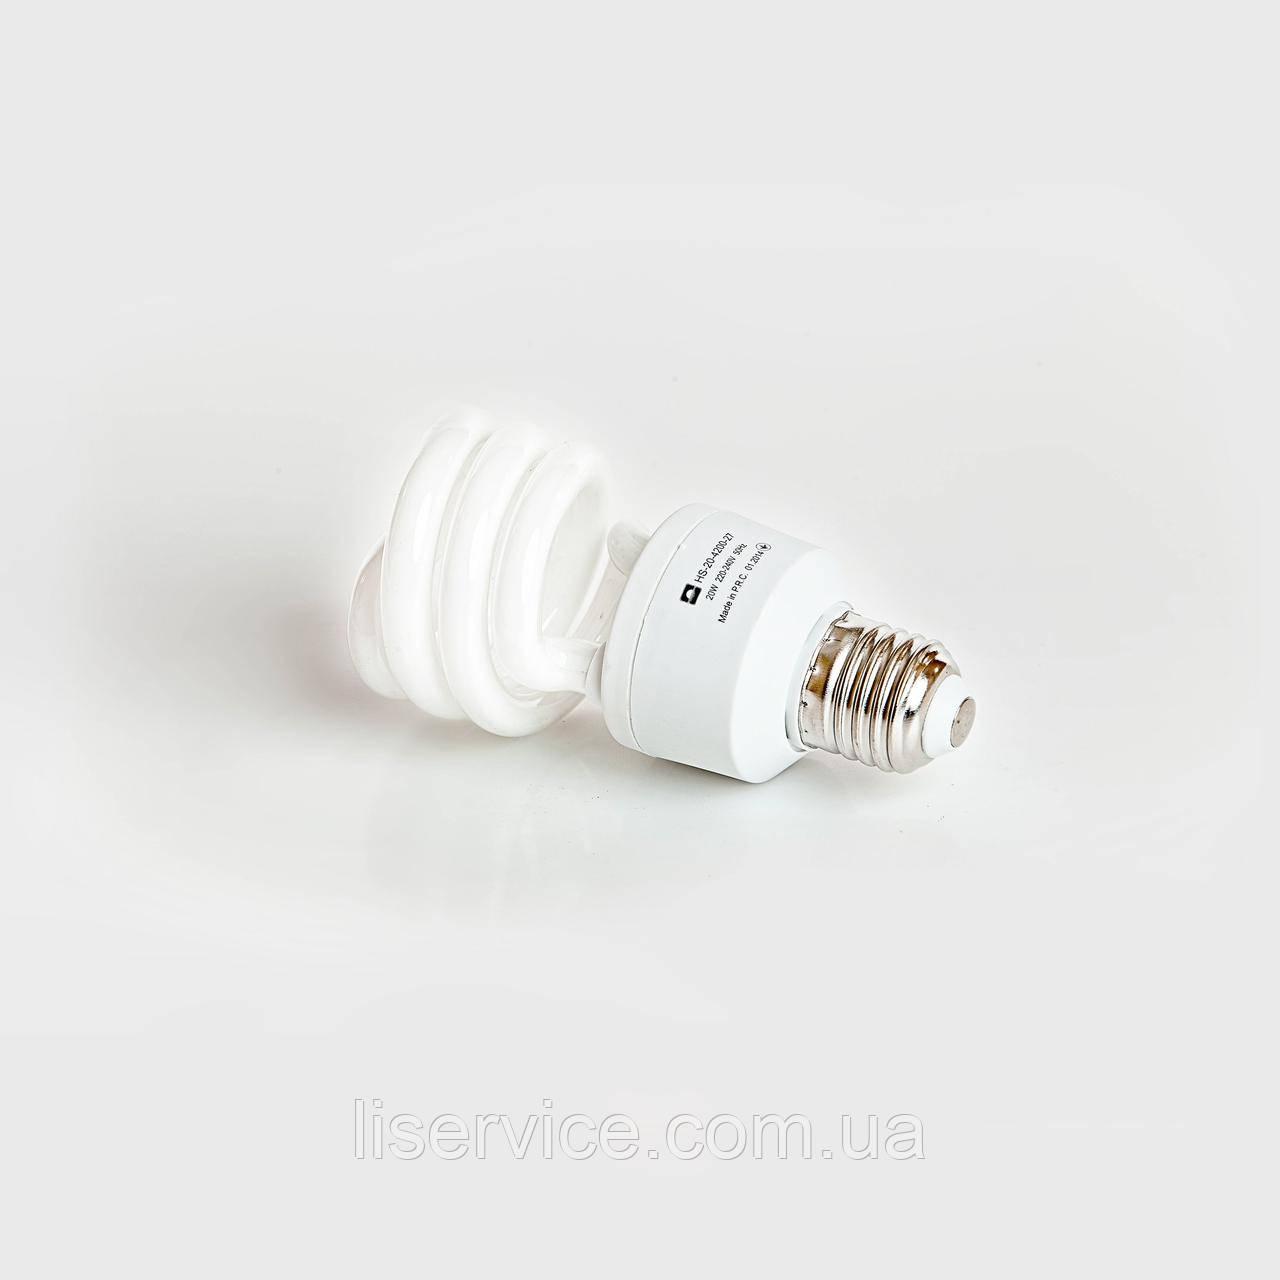 Лампа энергосберегающая Евросвет FS-20-4200-27 220-240